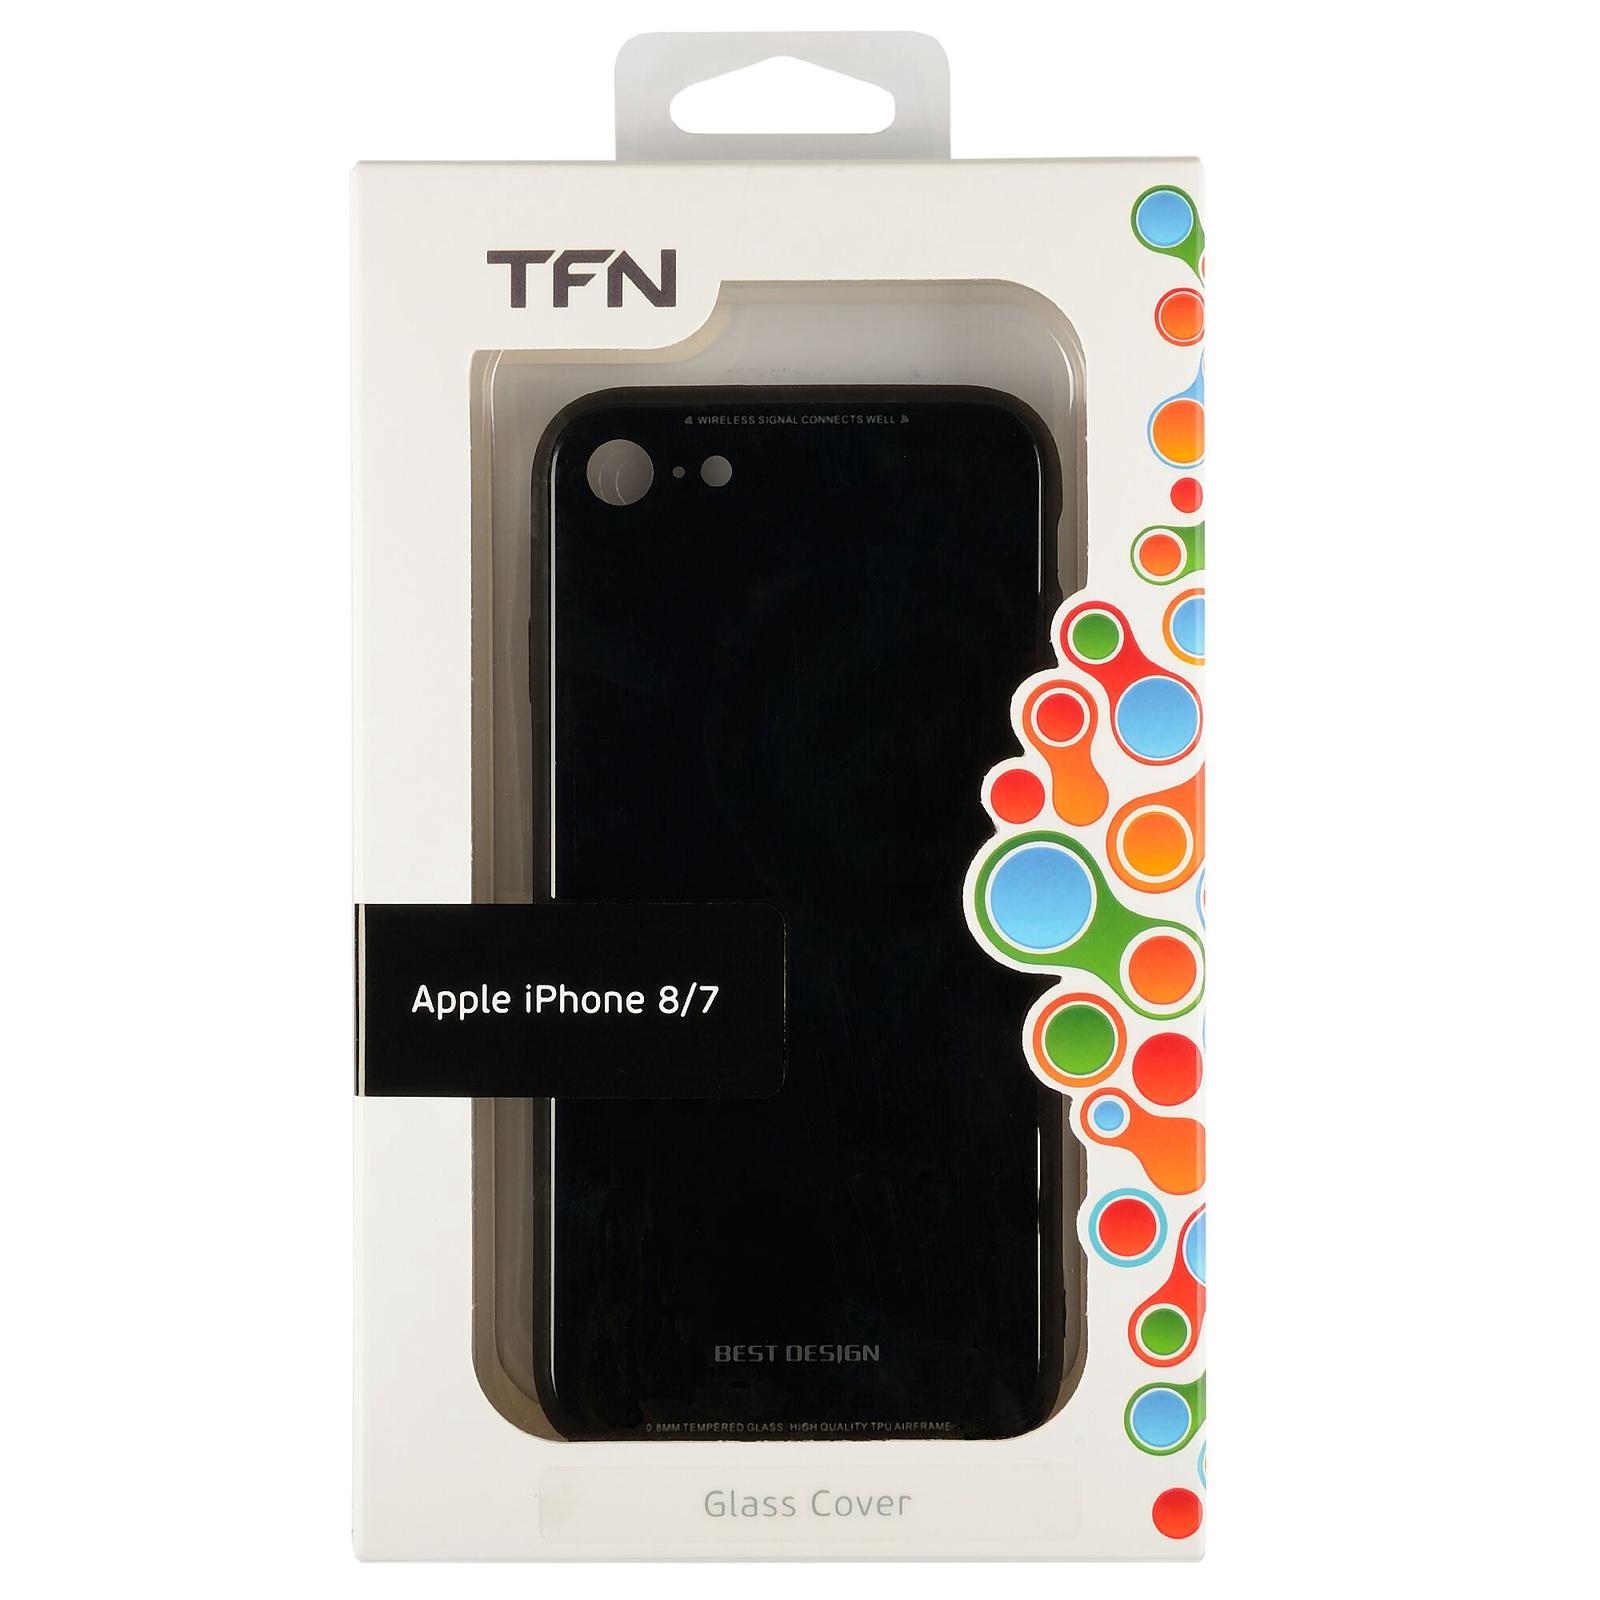 Чехол для сотового телефона TFN Защитный чехол для iPhone 7/8 Черный, черный чехол книжка для apple iphone 7 8 sgp valentinus черный